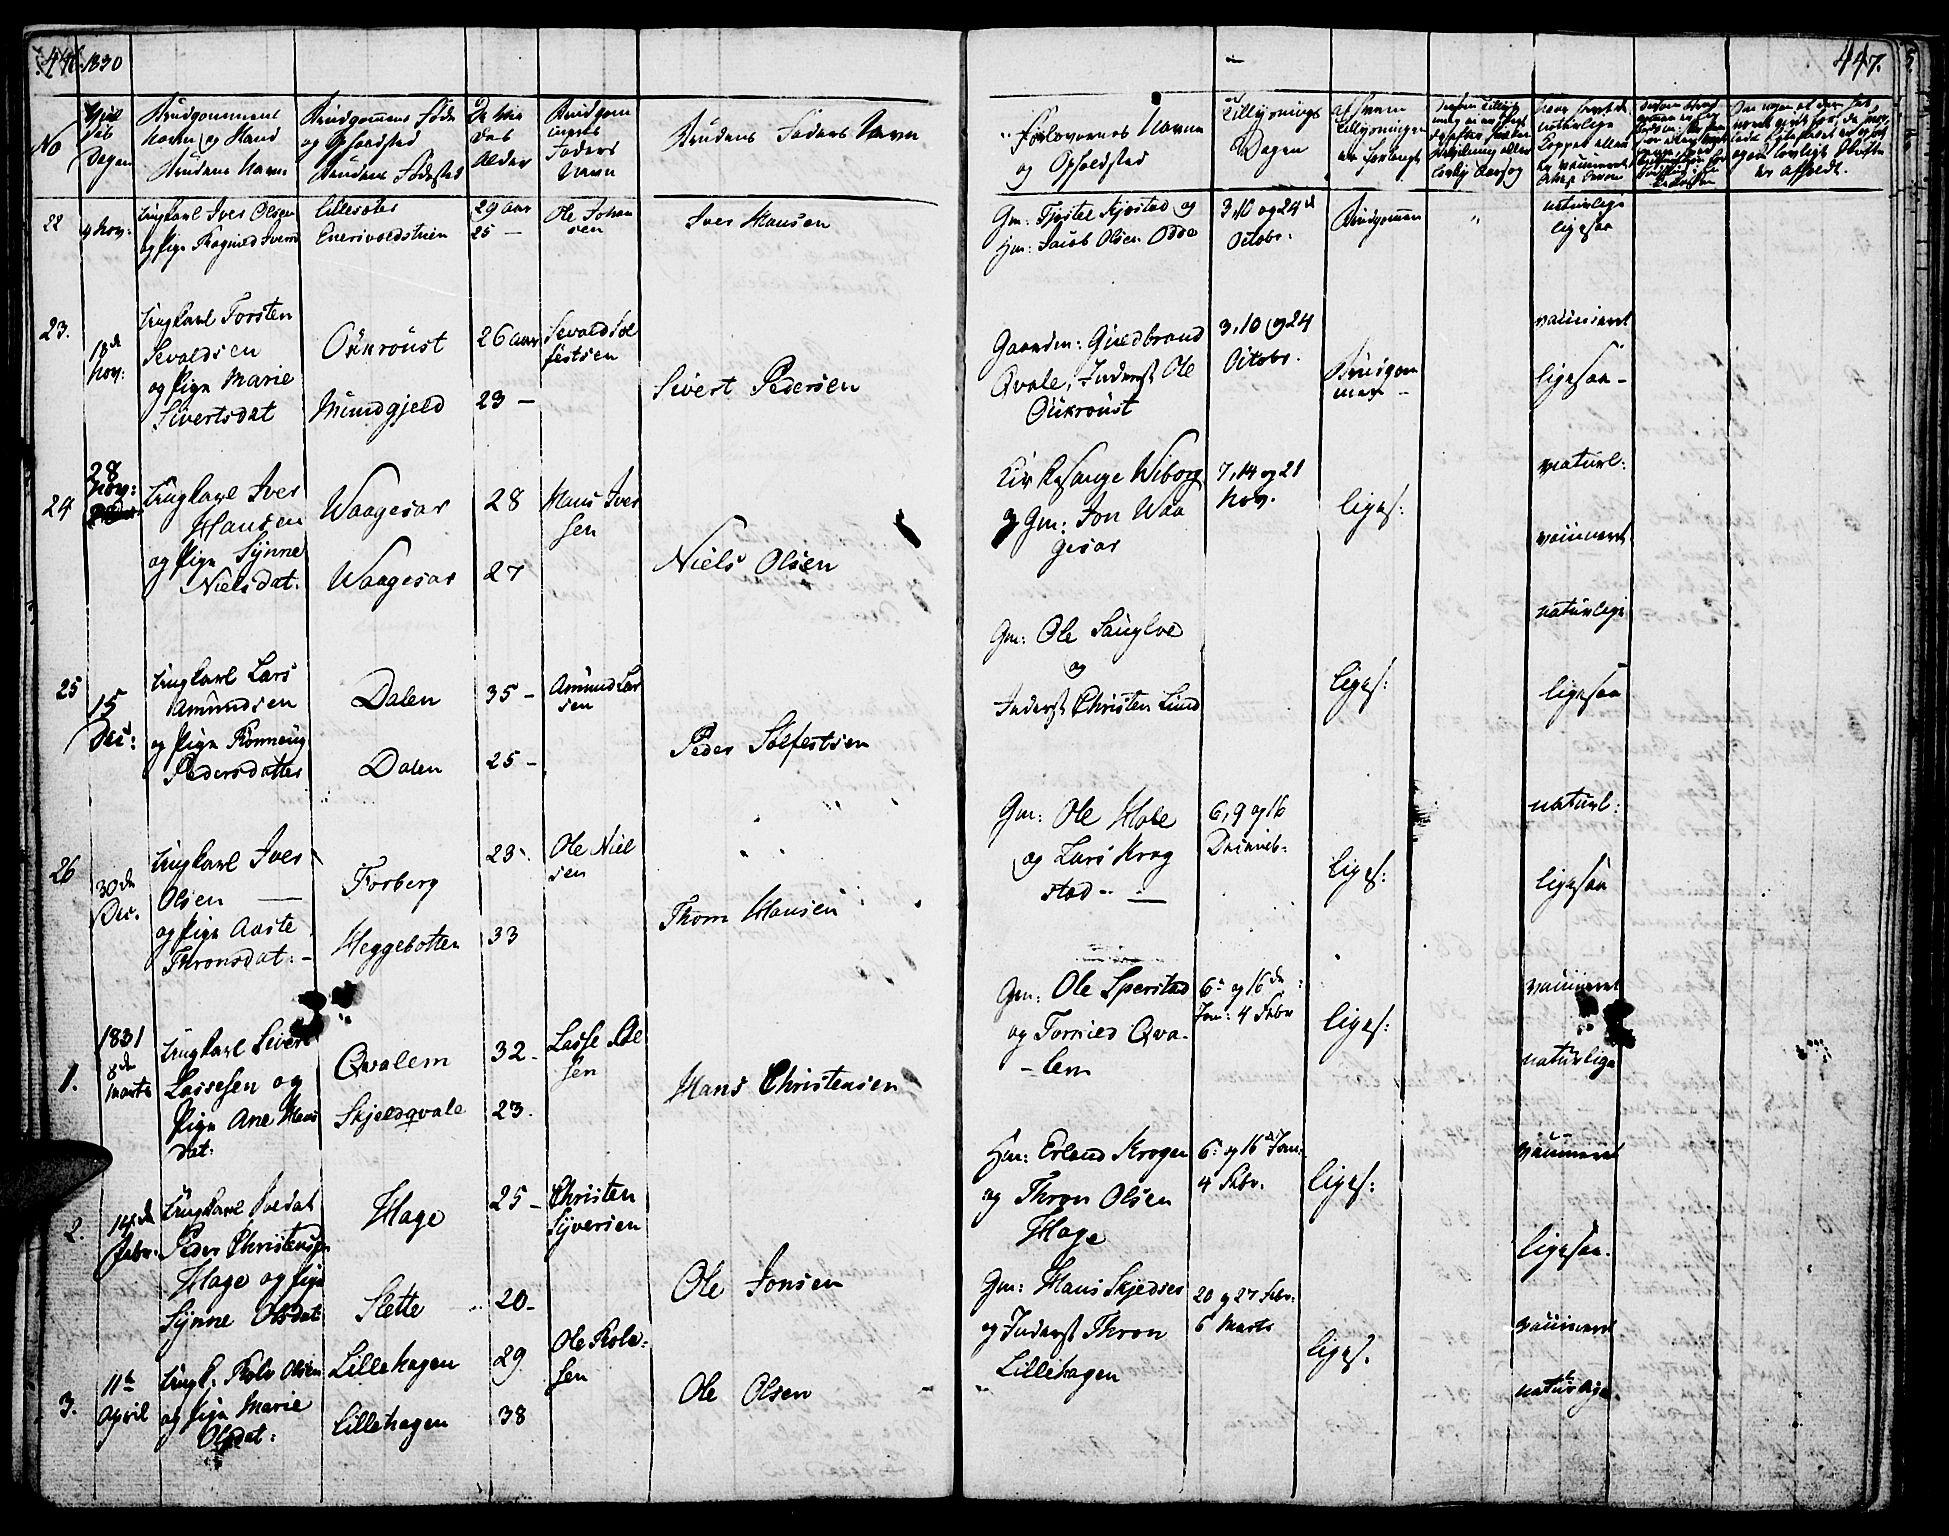 SAH, Lom prestekontor, K/L0005: Ministerialbok nr. 5, 1825-1837, s. 446-447